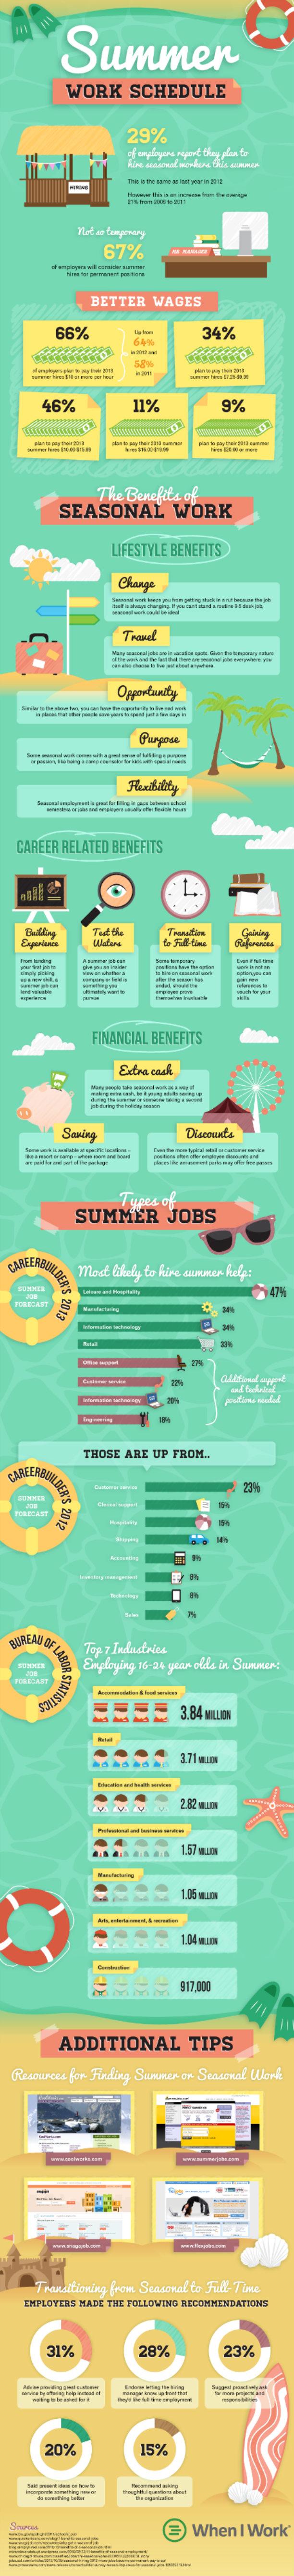 summer-work-schedule-infographic